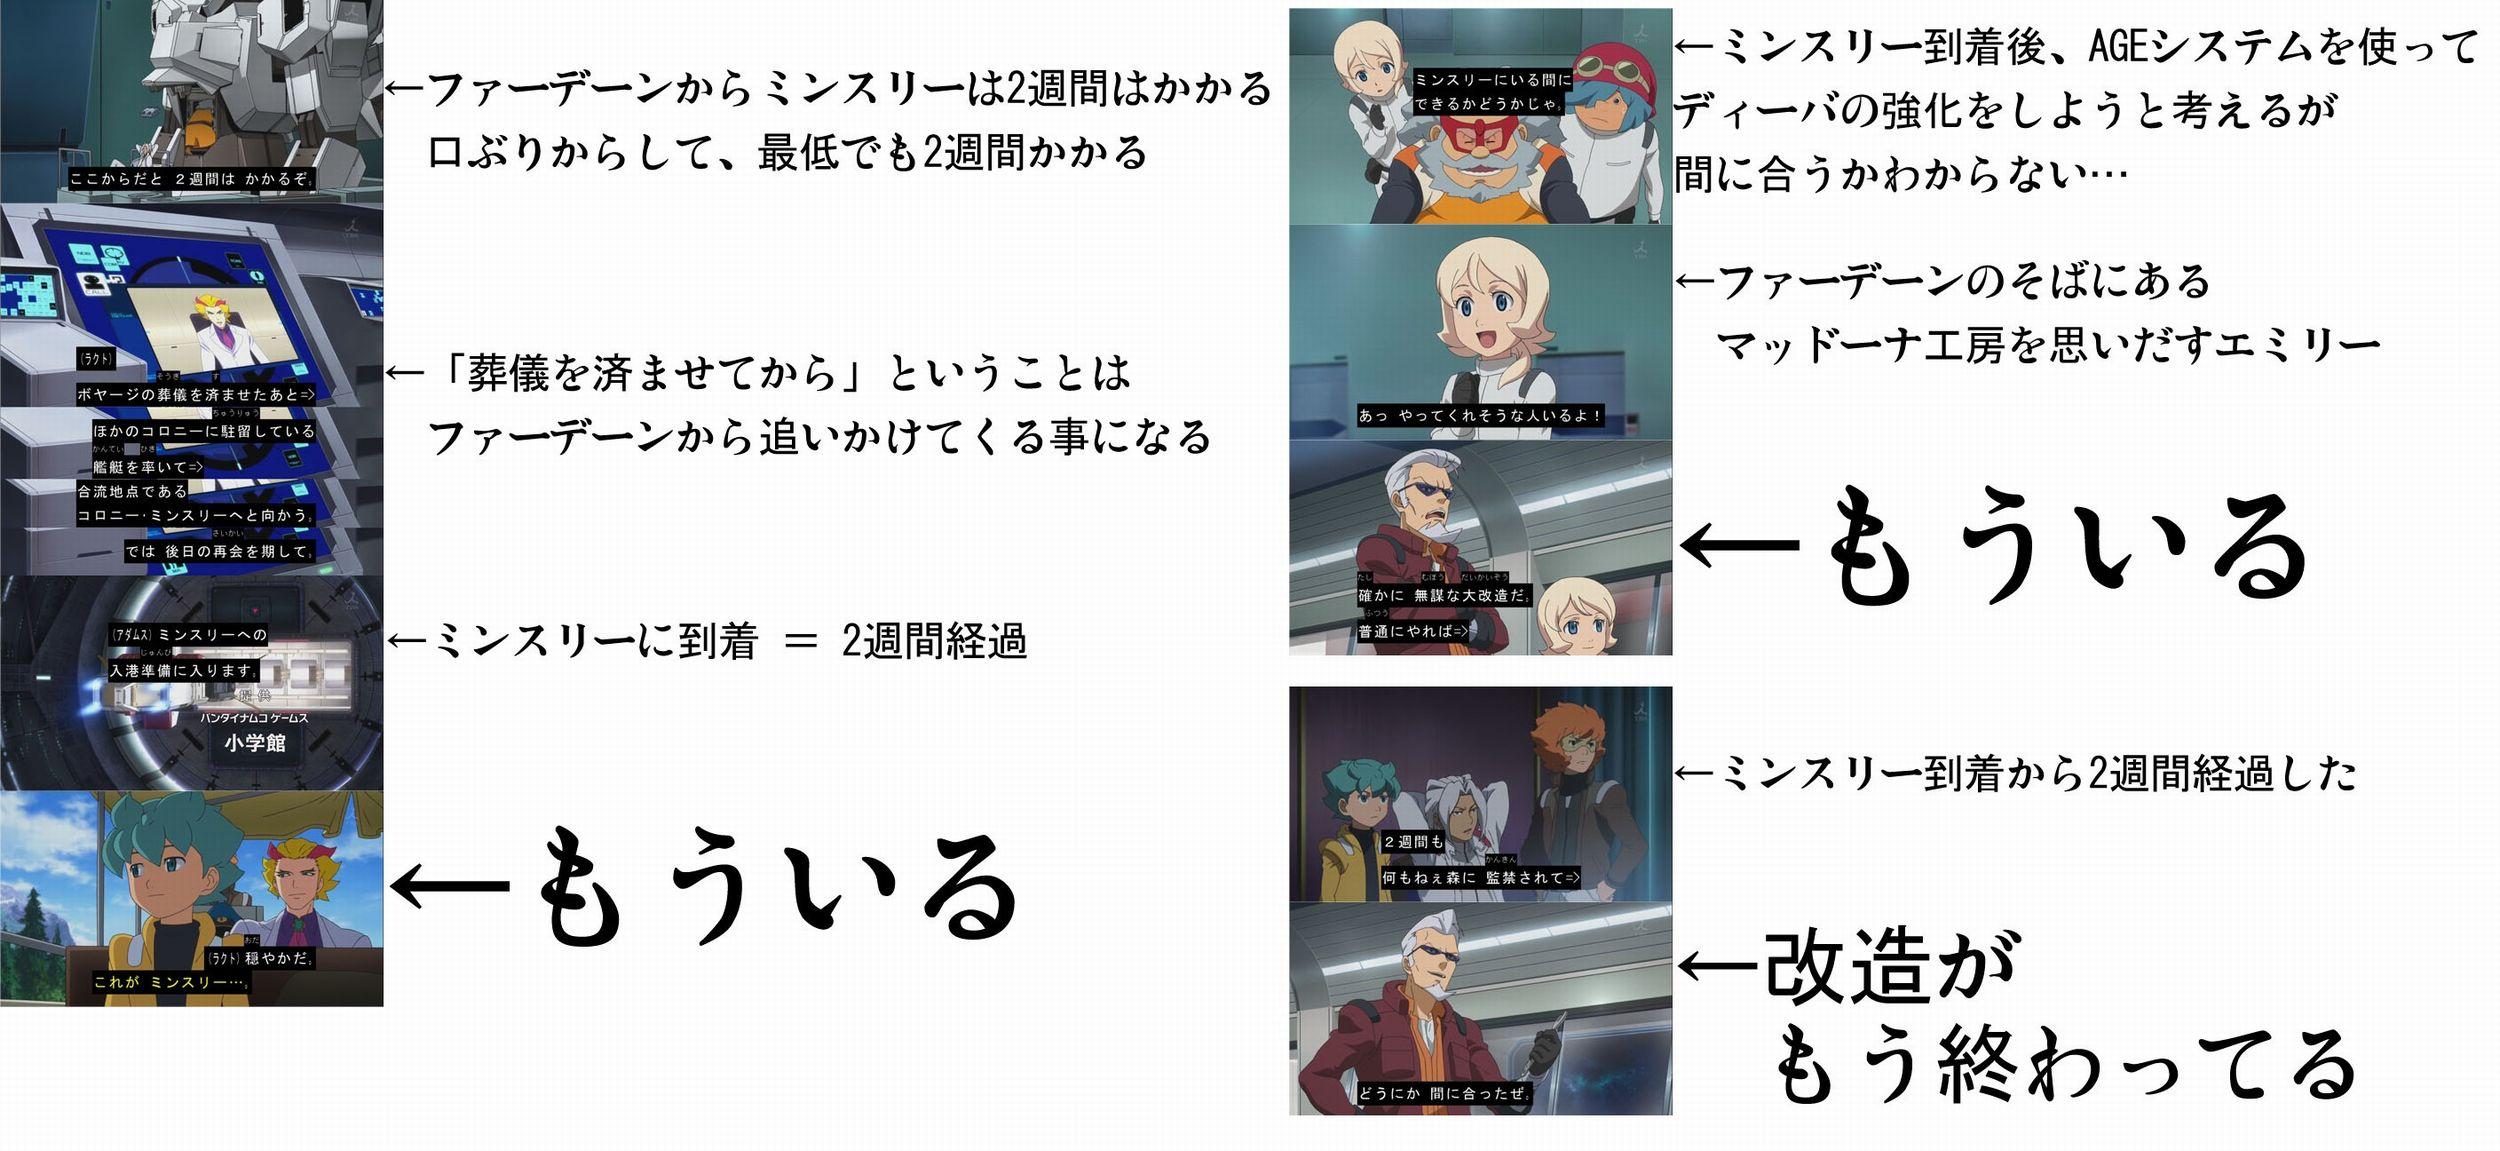 ポケモン アニメ 時間 | 7331 イラス